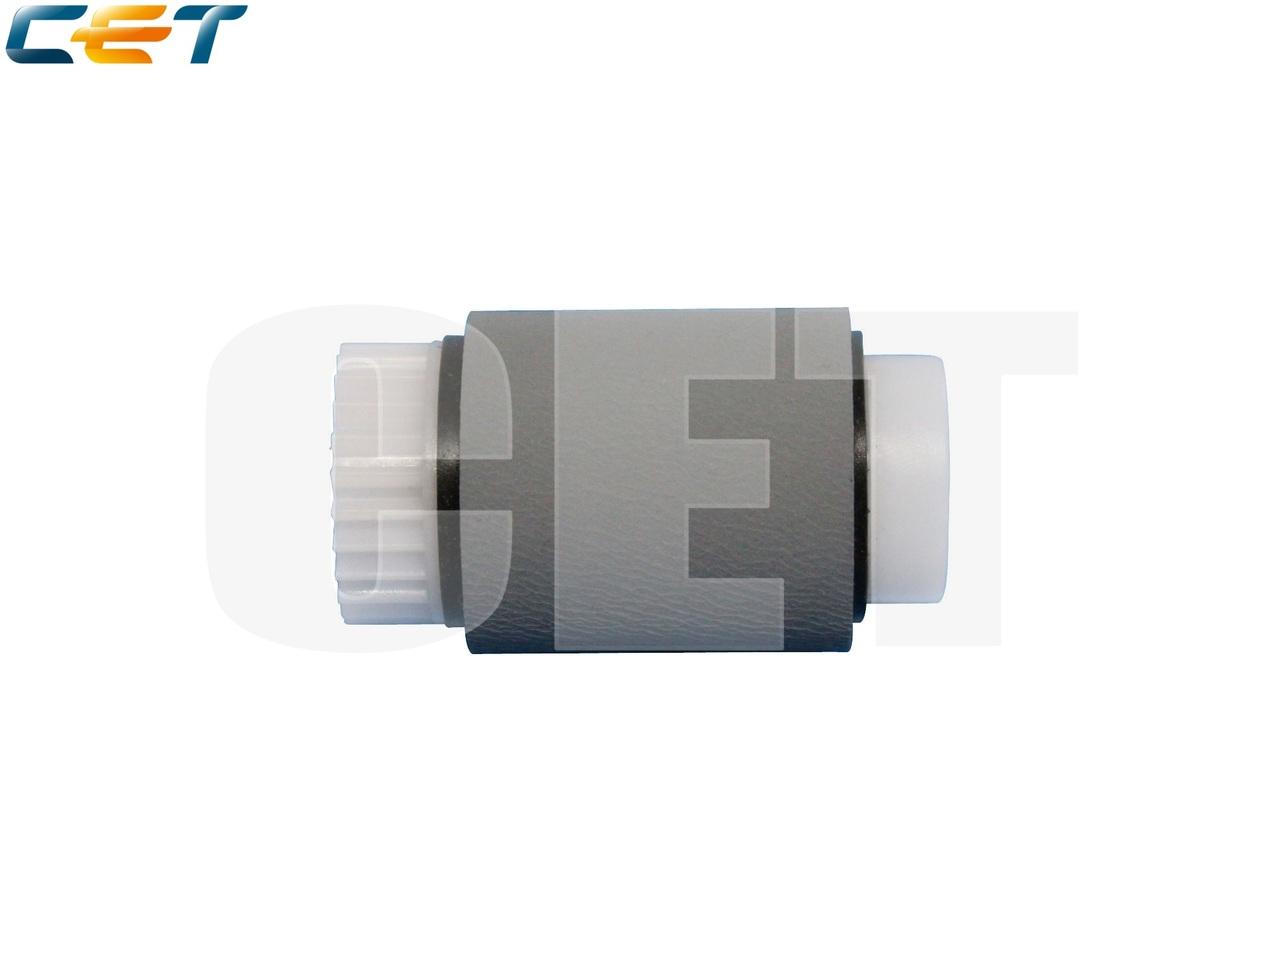 Ролик подхвата (Long Life) RM1-0036-020 для LaserJet4200/4300/4250/4350/P4015, M601/M602/M603 (CET), CET5896,CET5896R